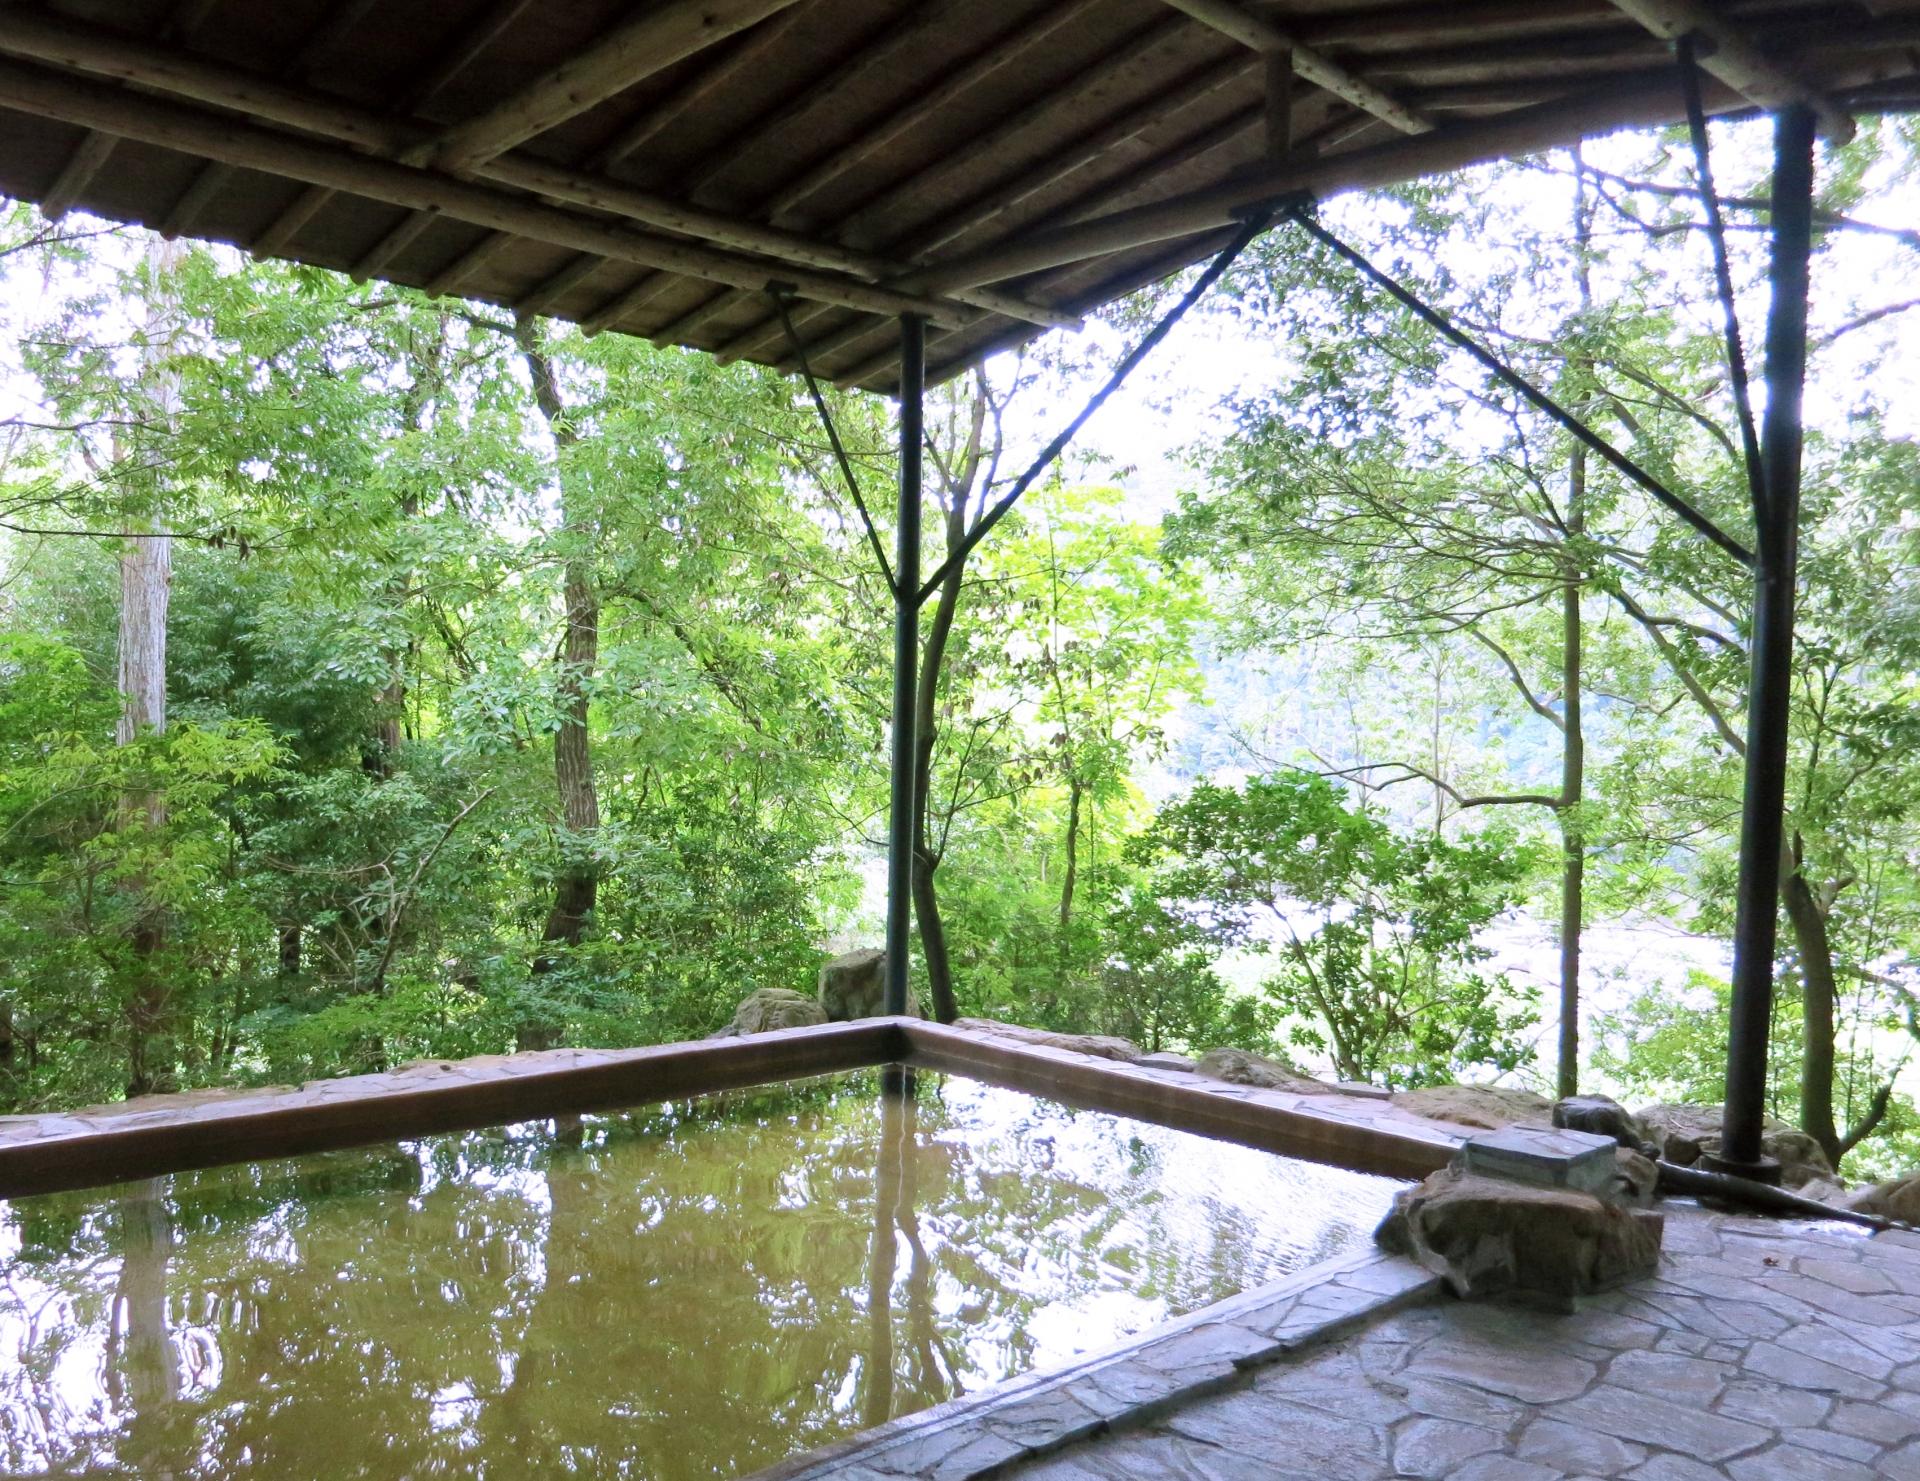 雄琴温泉を日帰りで楽しむ!おすすめの人気湯は?カップル・家族で湯めぐりを